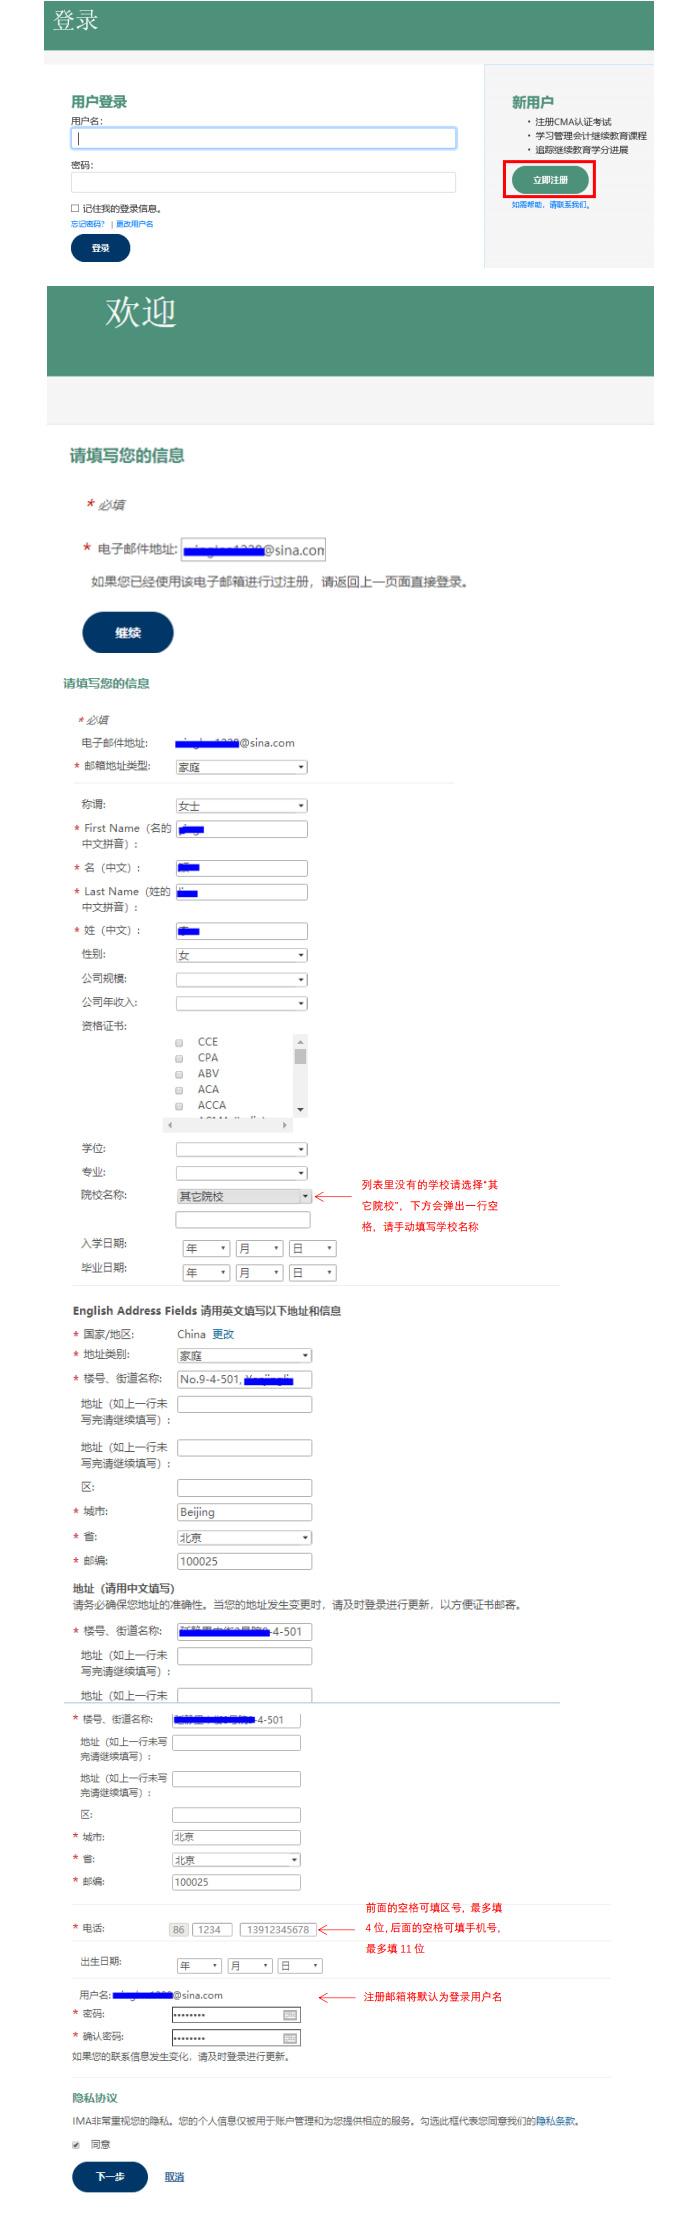 中文CMA报名图解2